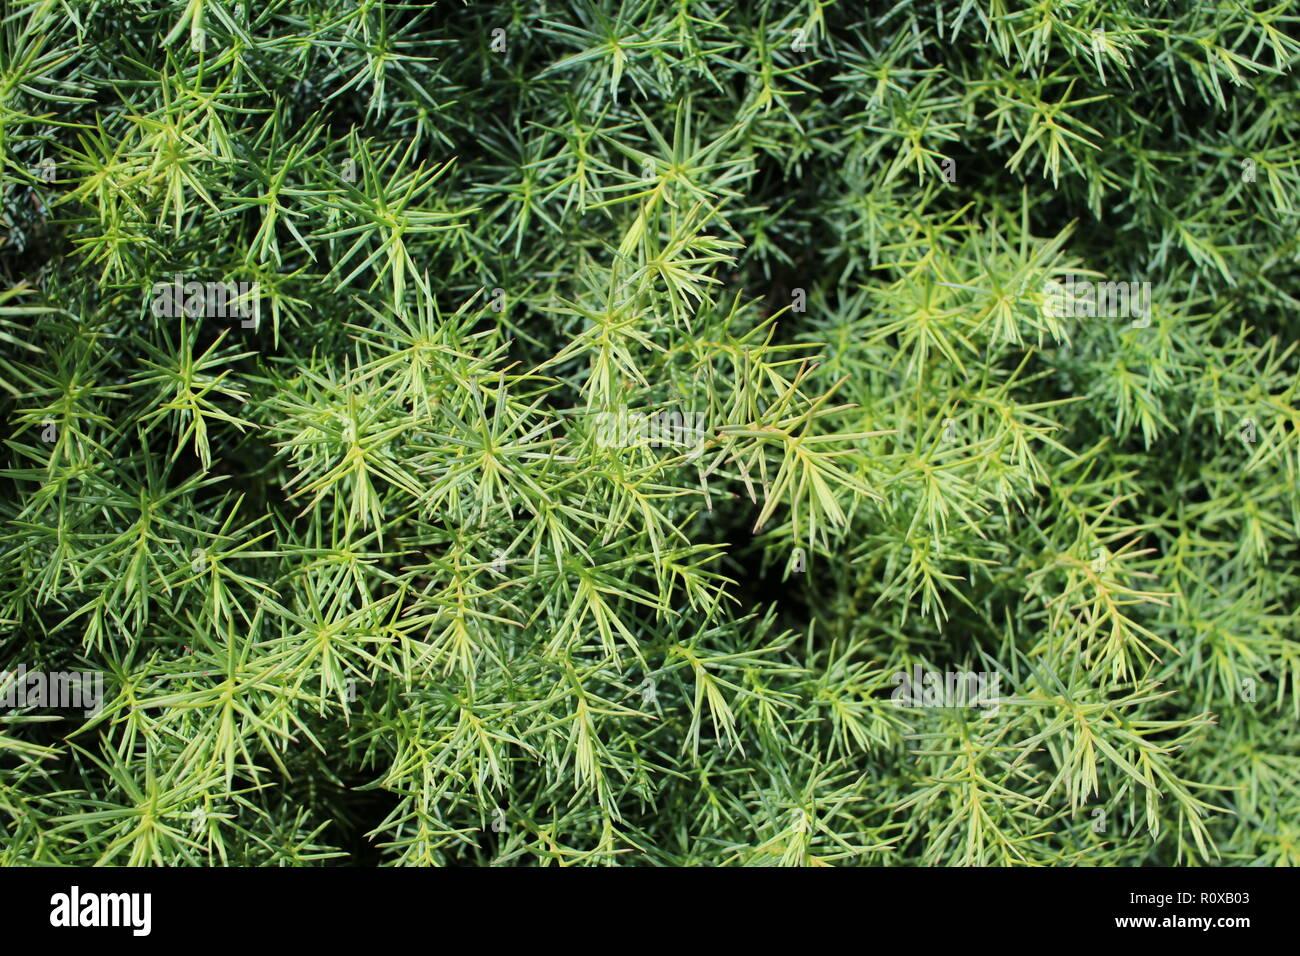 Detaillierte Christmas tree branches Hintergrund Stockbild